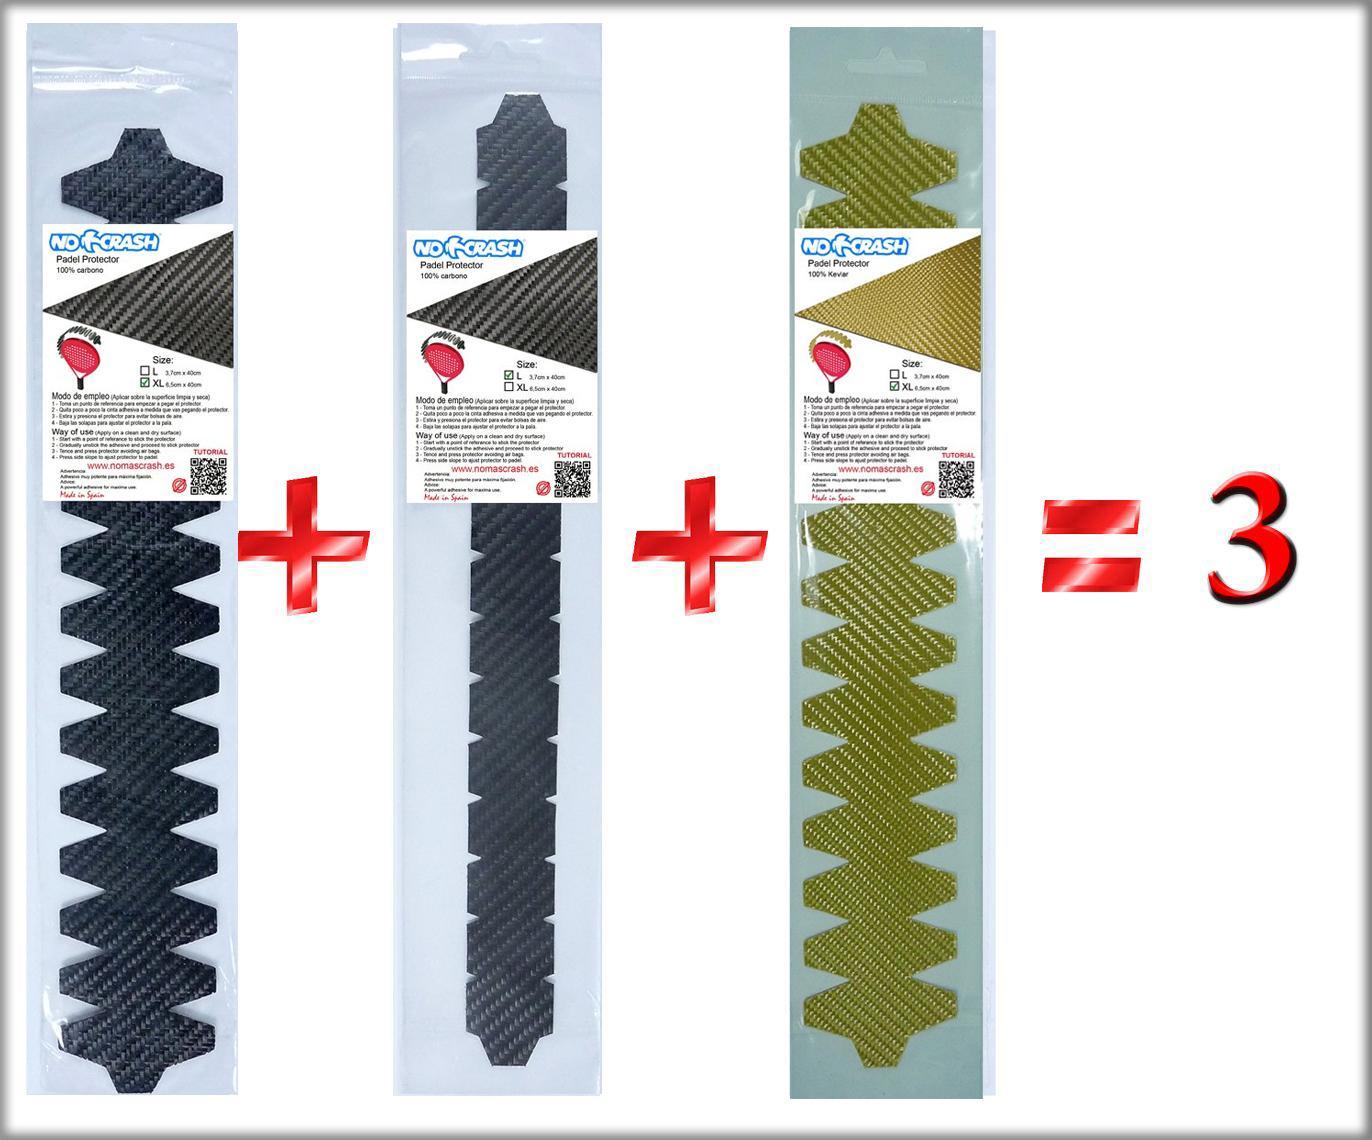 PADEL PROTECTOR carbono kevlar y fibras  PACK 3UD